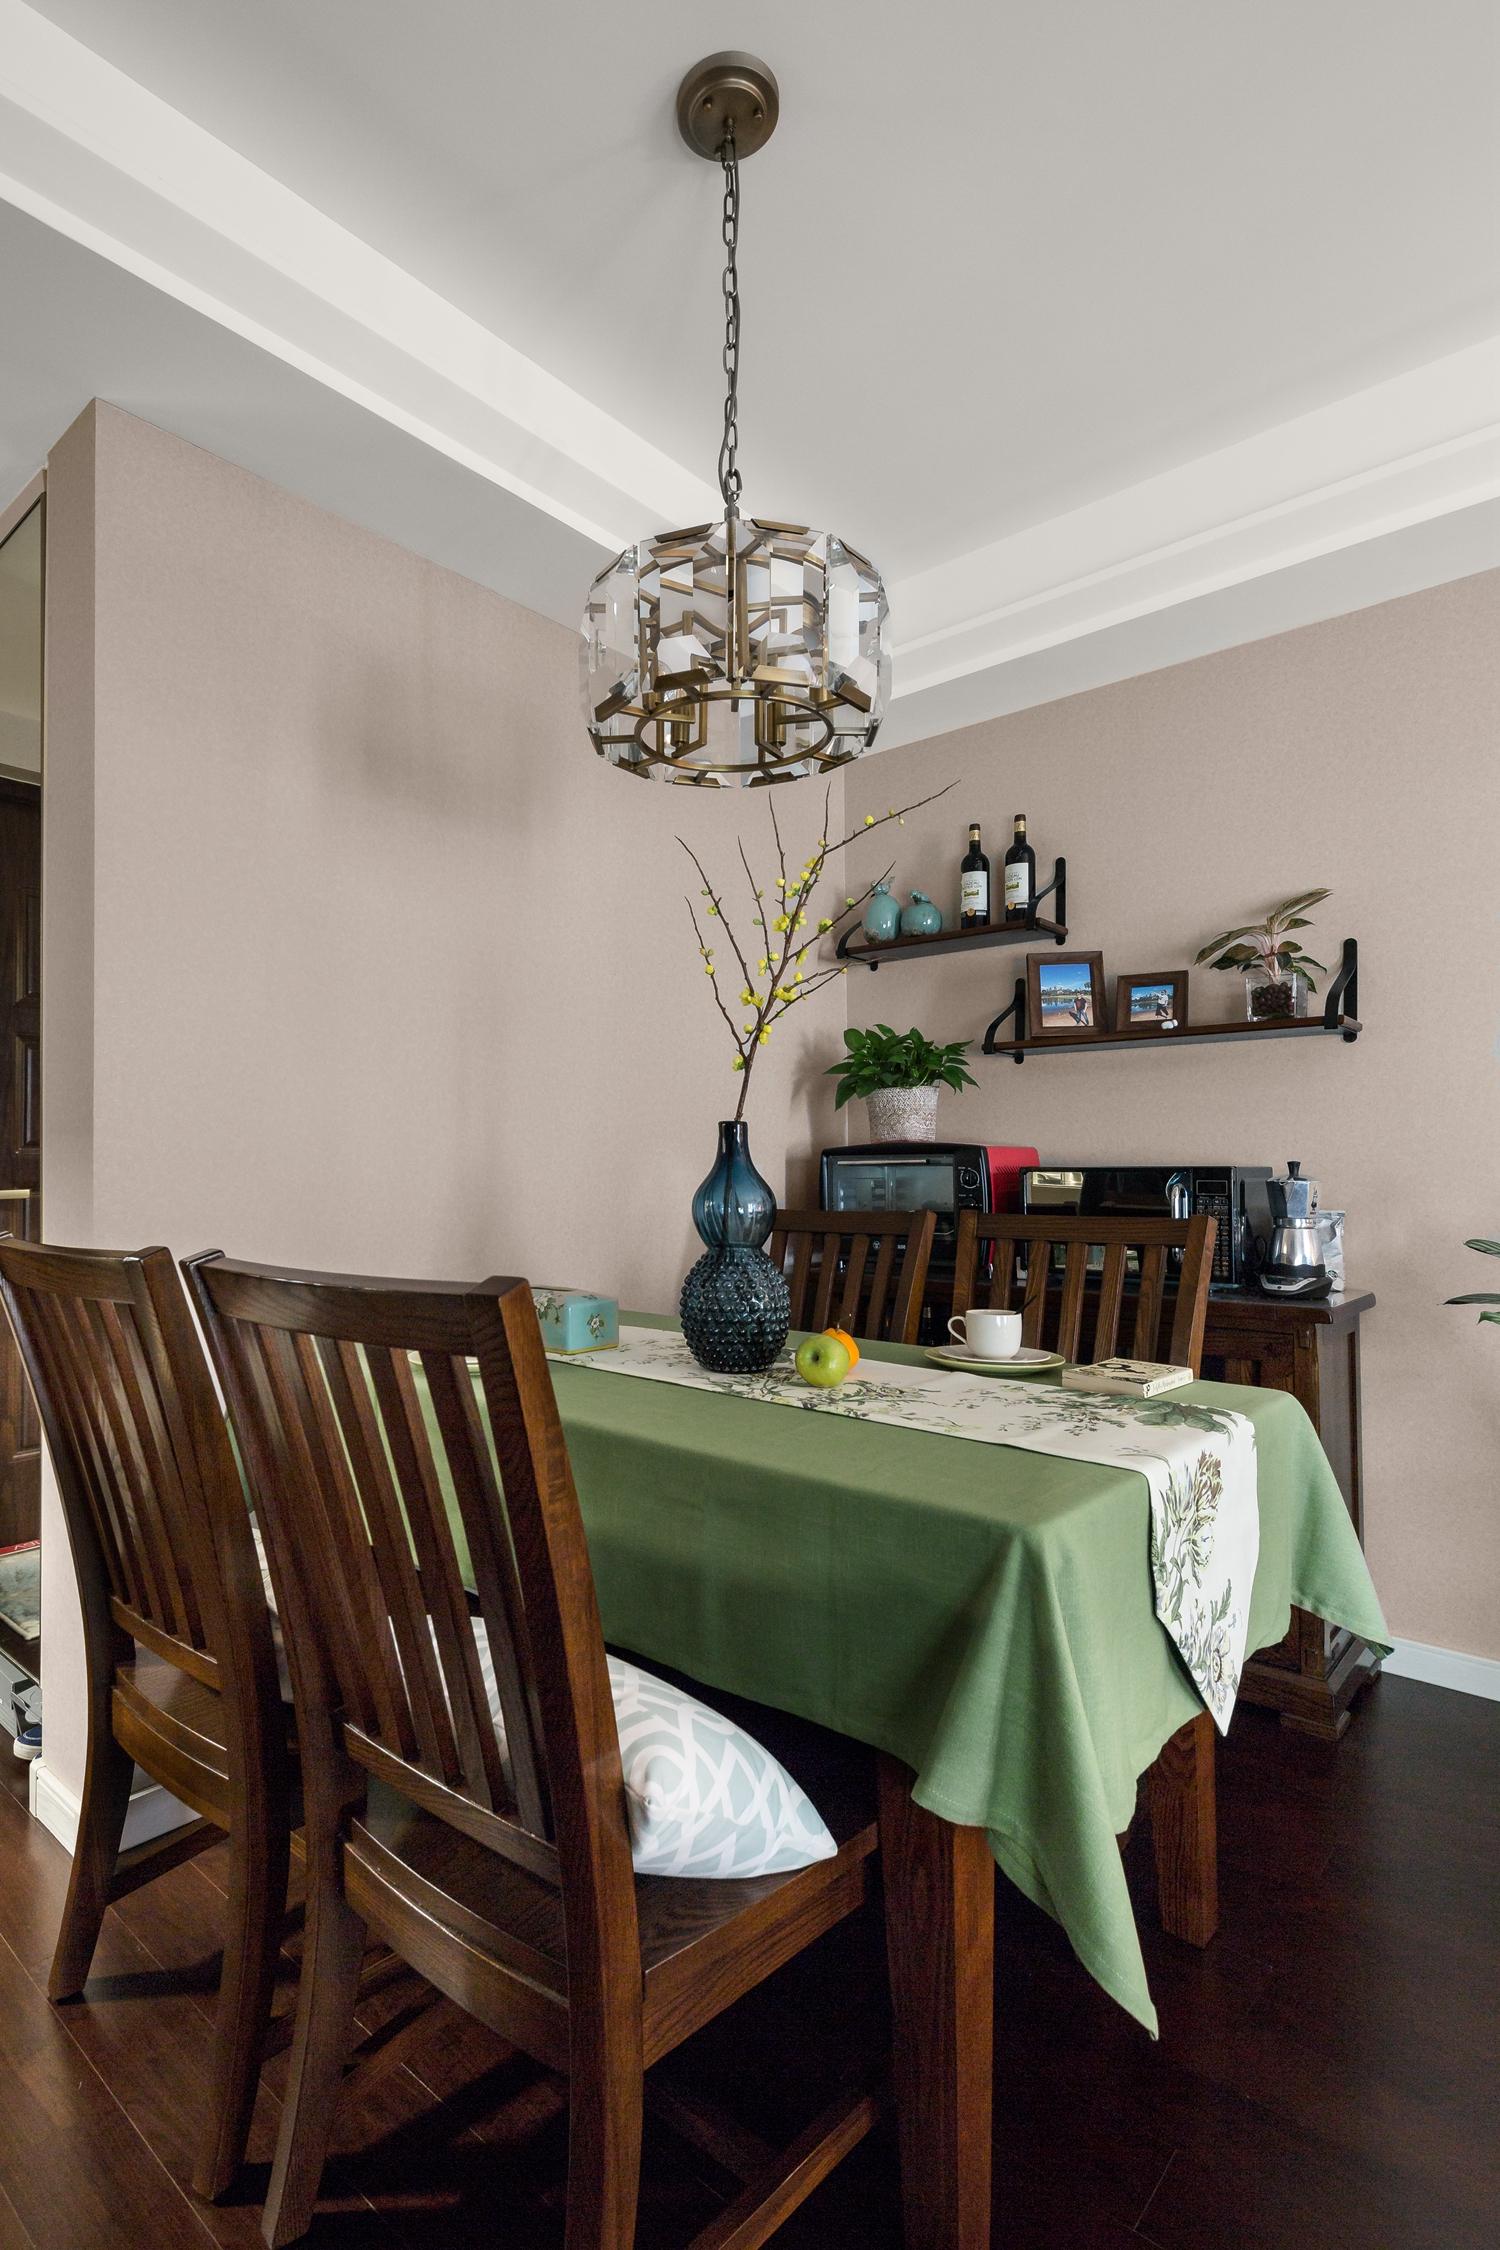 三居室简约美式装修餐厅布置图